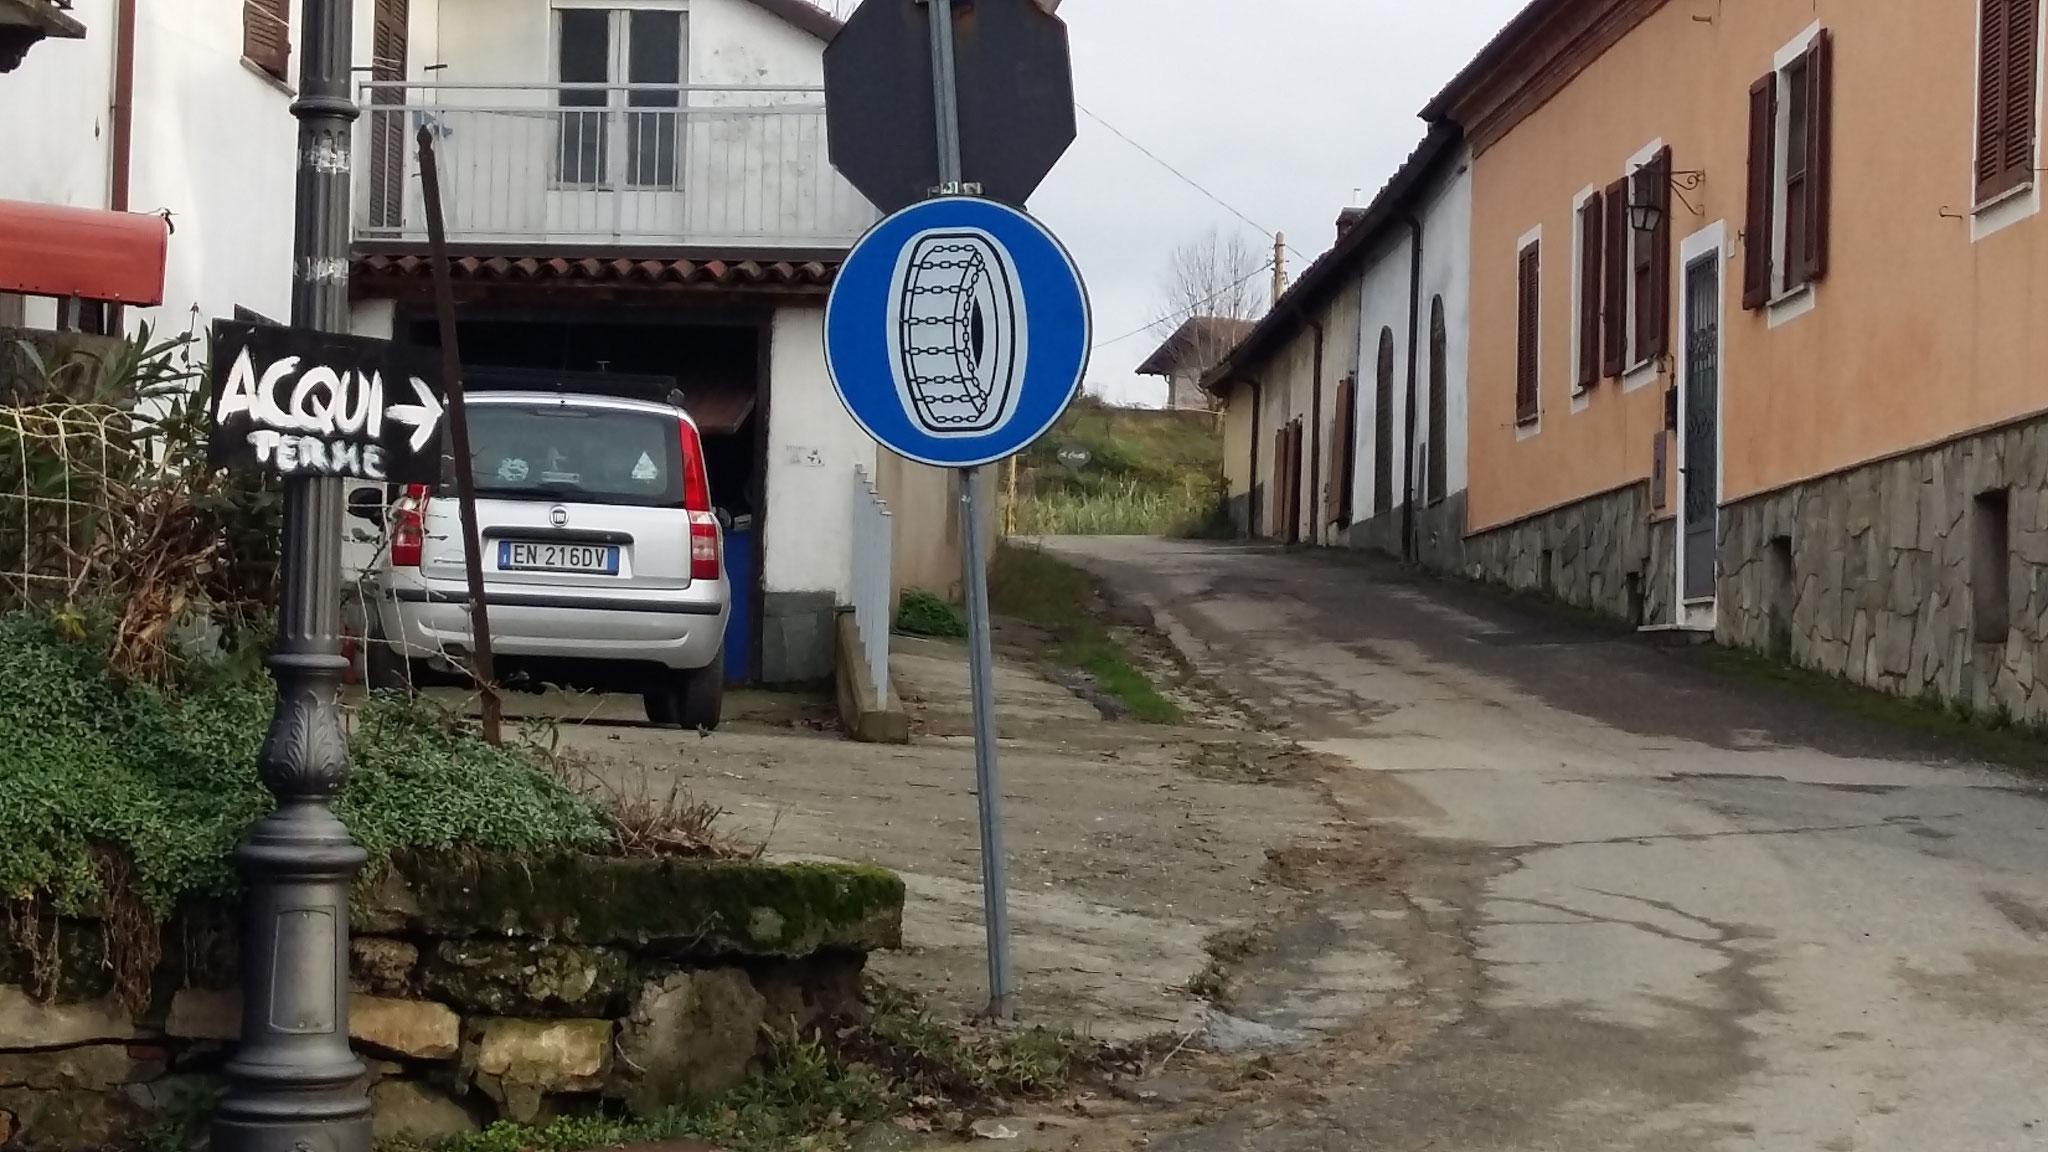 Behelfsmässig wird auf der Tafel hingwiesen, dass es nur auf unserem Strässchen nach Acqui Terme geht.